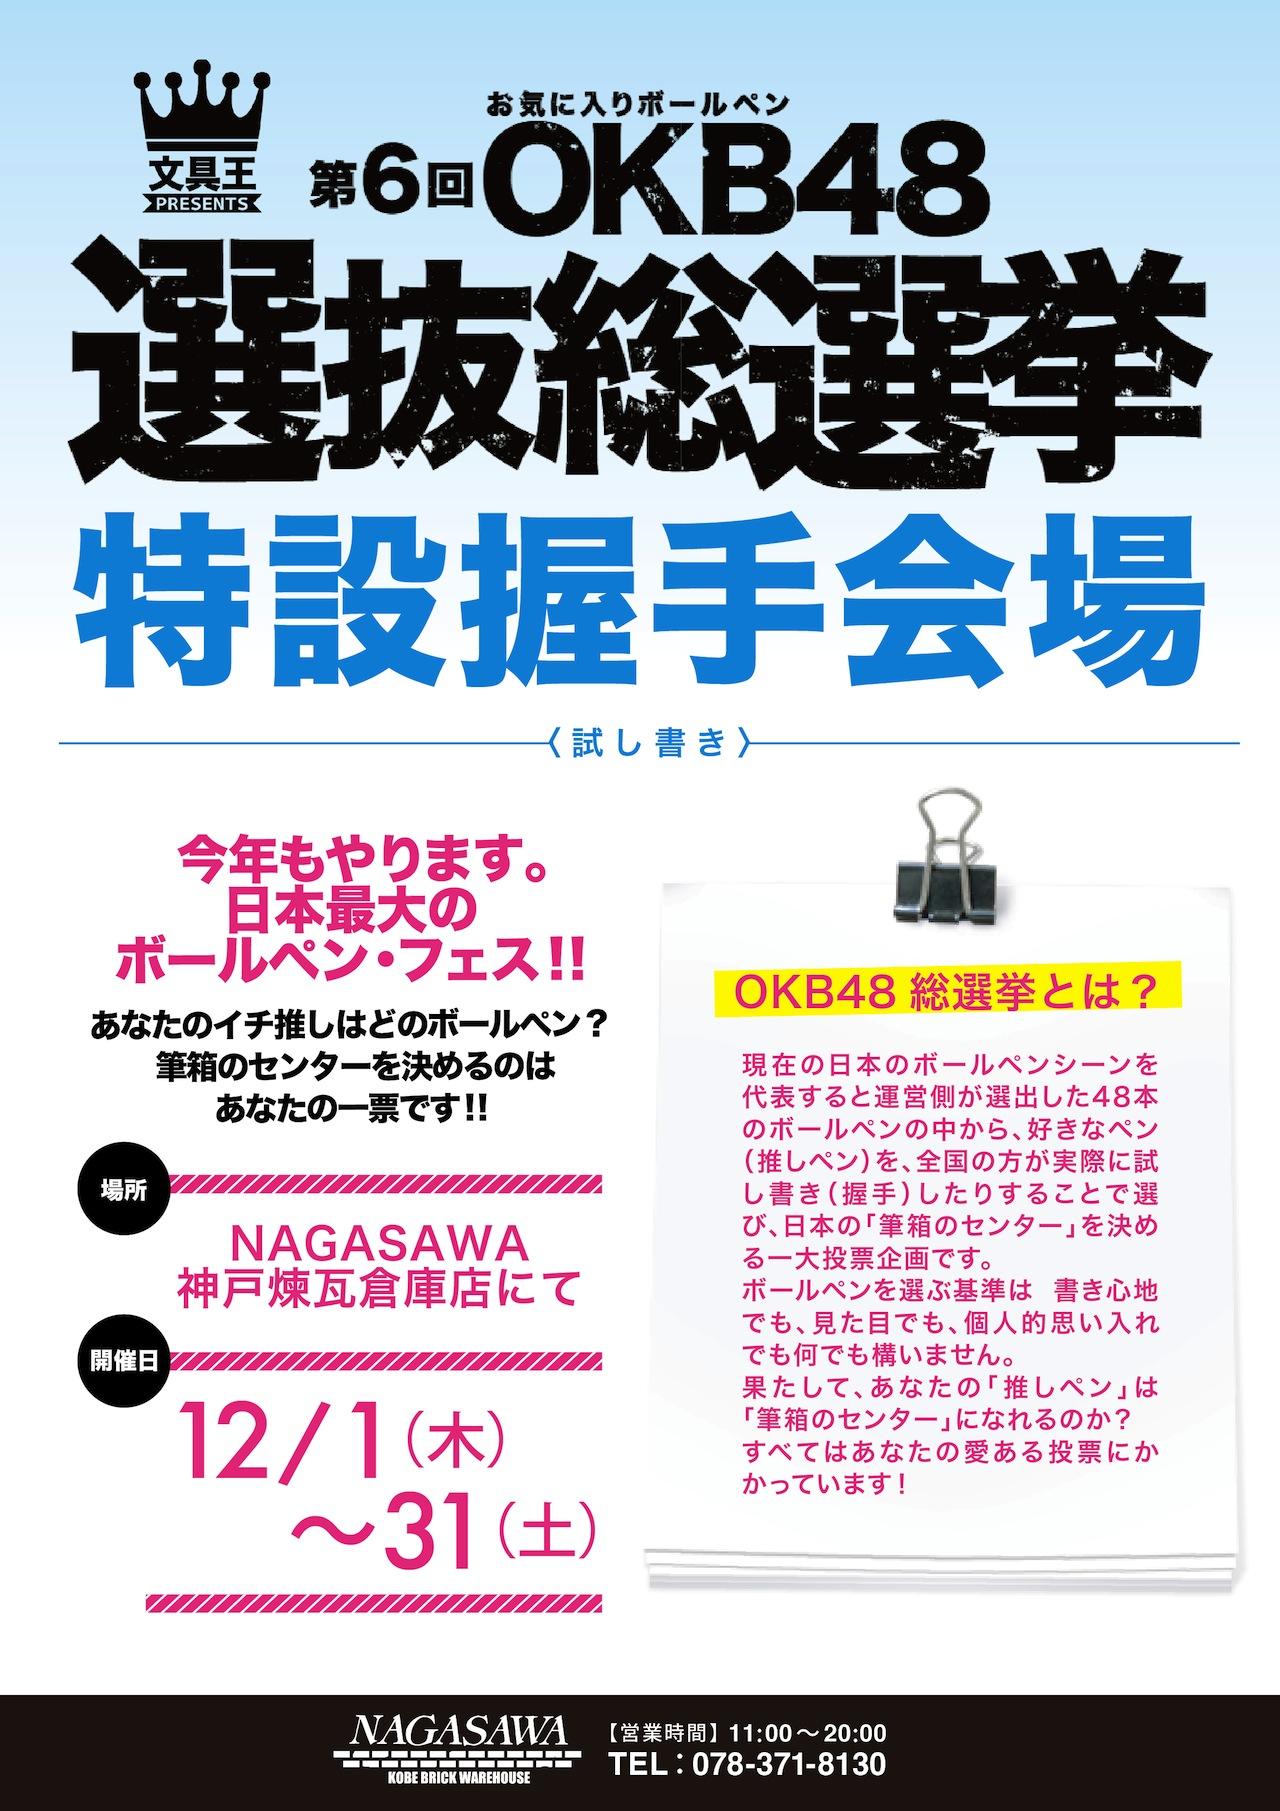 第6回 OKB48 選抜総選挙 @NAGASAWA神戸煉瓦倉庫店